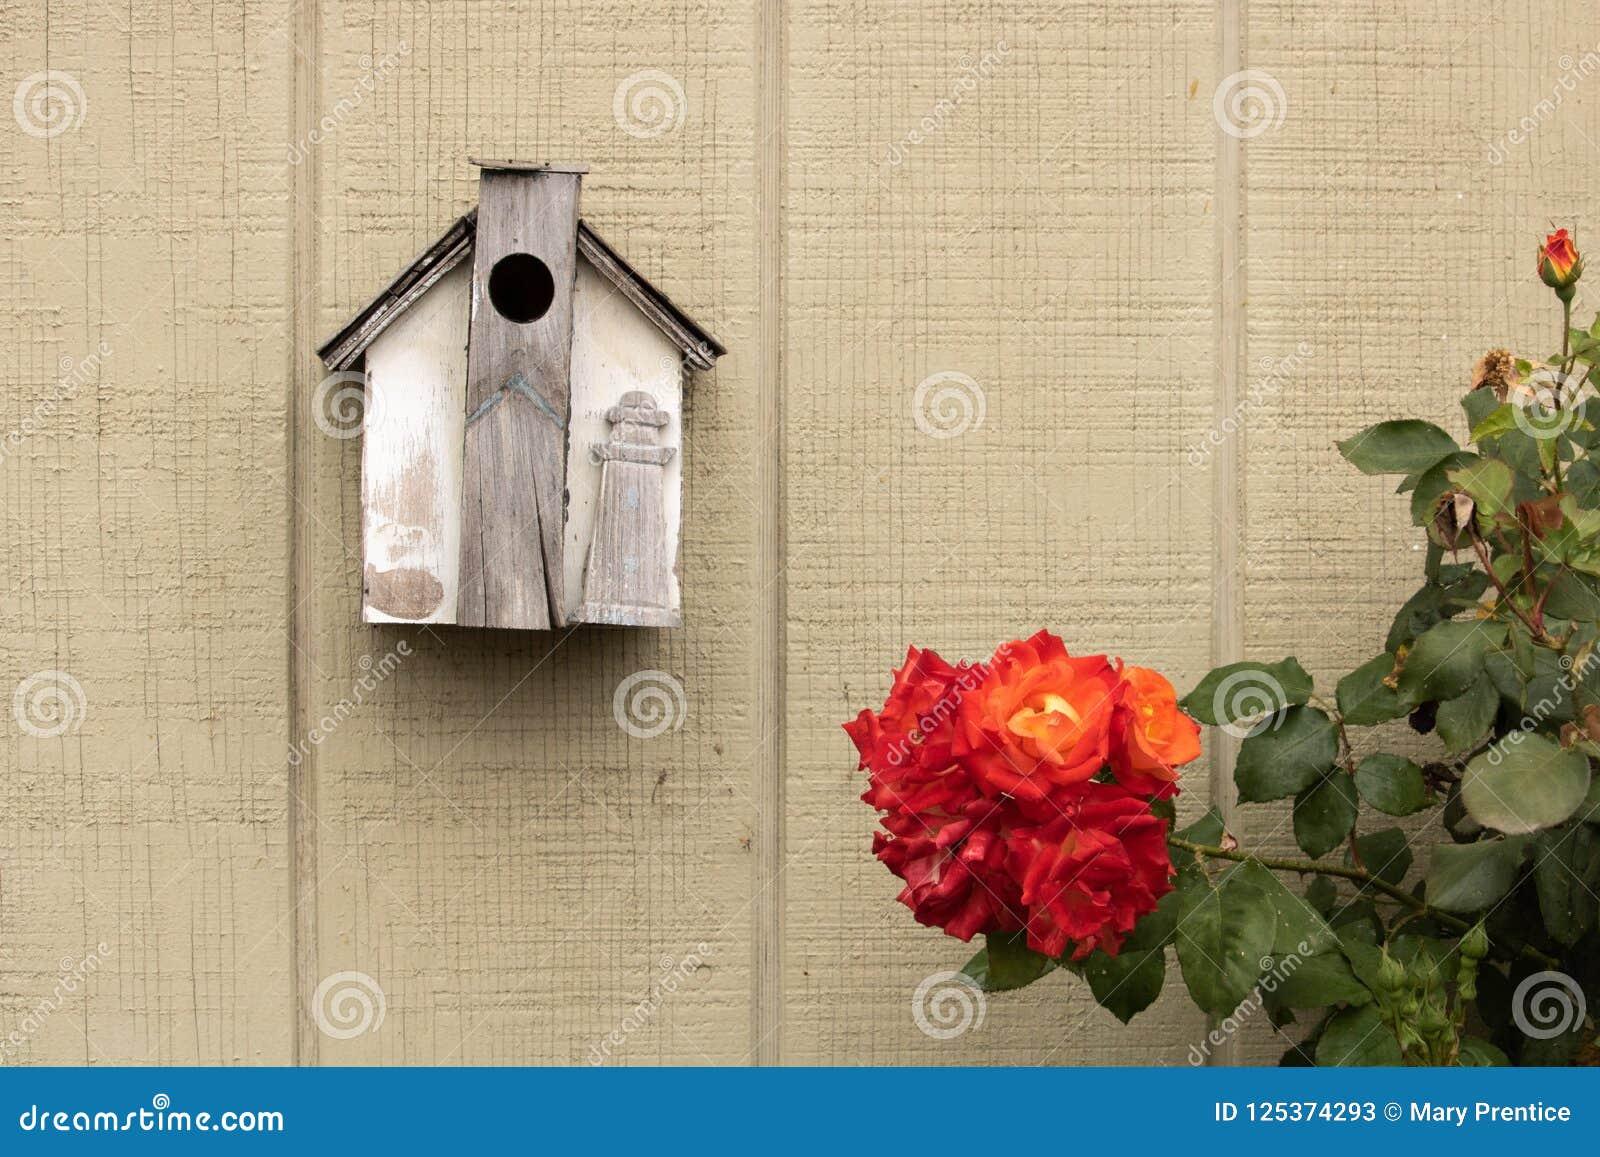 Piccolo aviario fatto a mano rustico decorato con un faro di legno che appende accanto a bello arancio, giallo, cespuglio di rosa